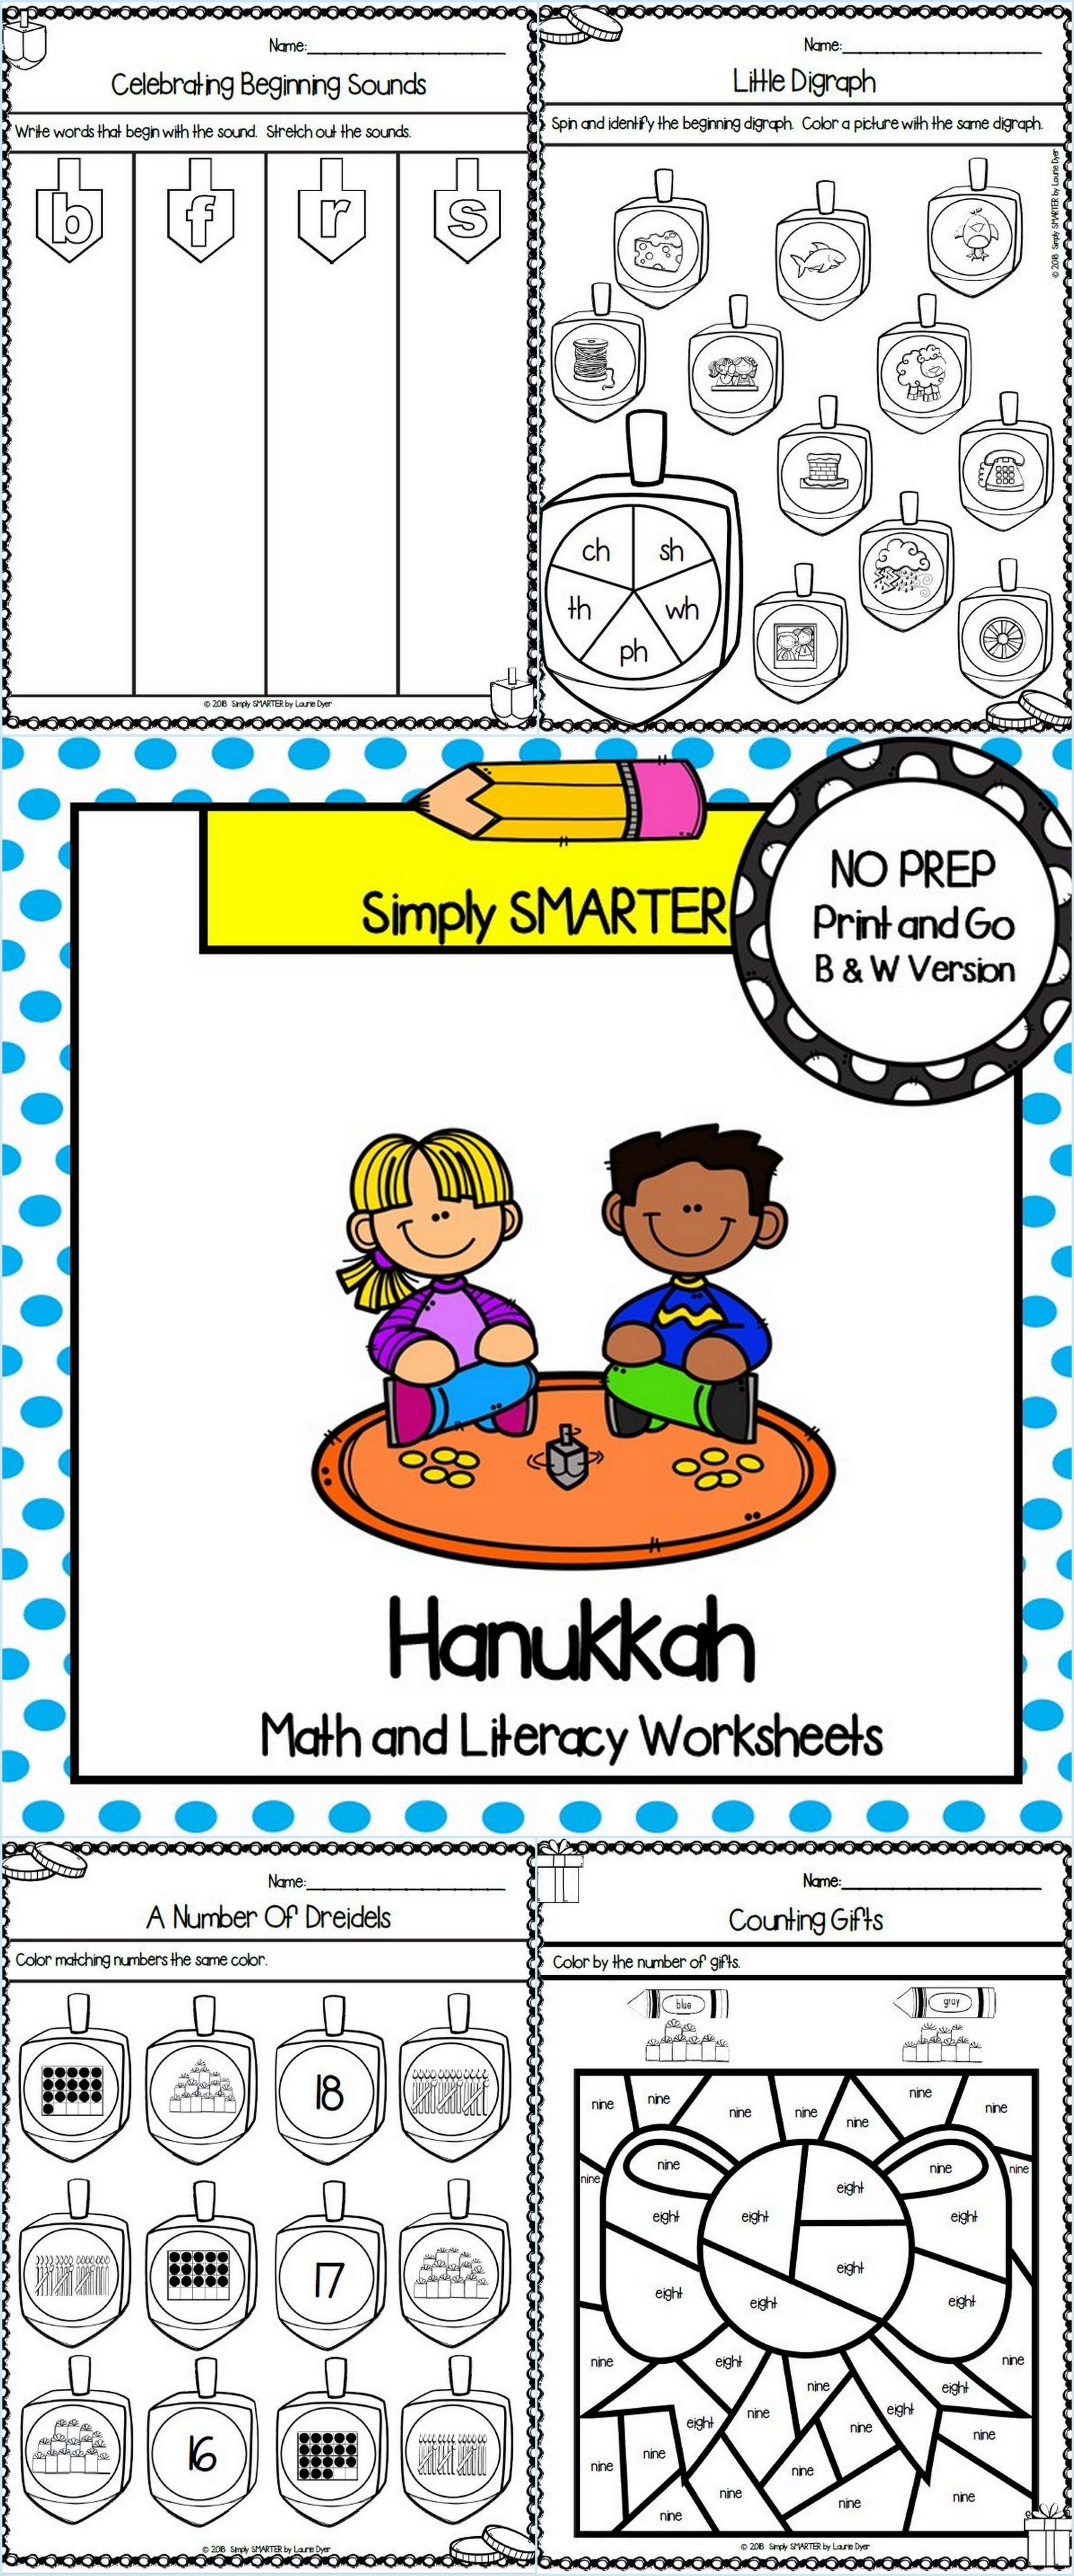 Hanukkah Themed Kindergarten Math And Literacy Worksheets And Activities Literacy Worksheets Kindergarten Math Math [ 5120 x 2134 Pixel ]